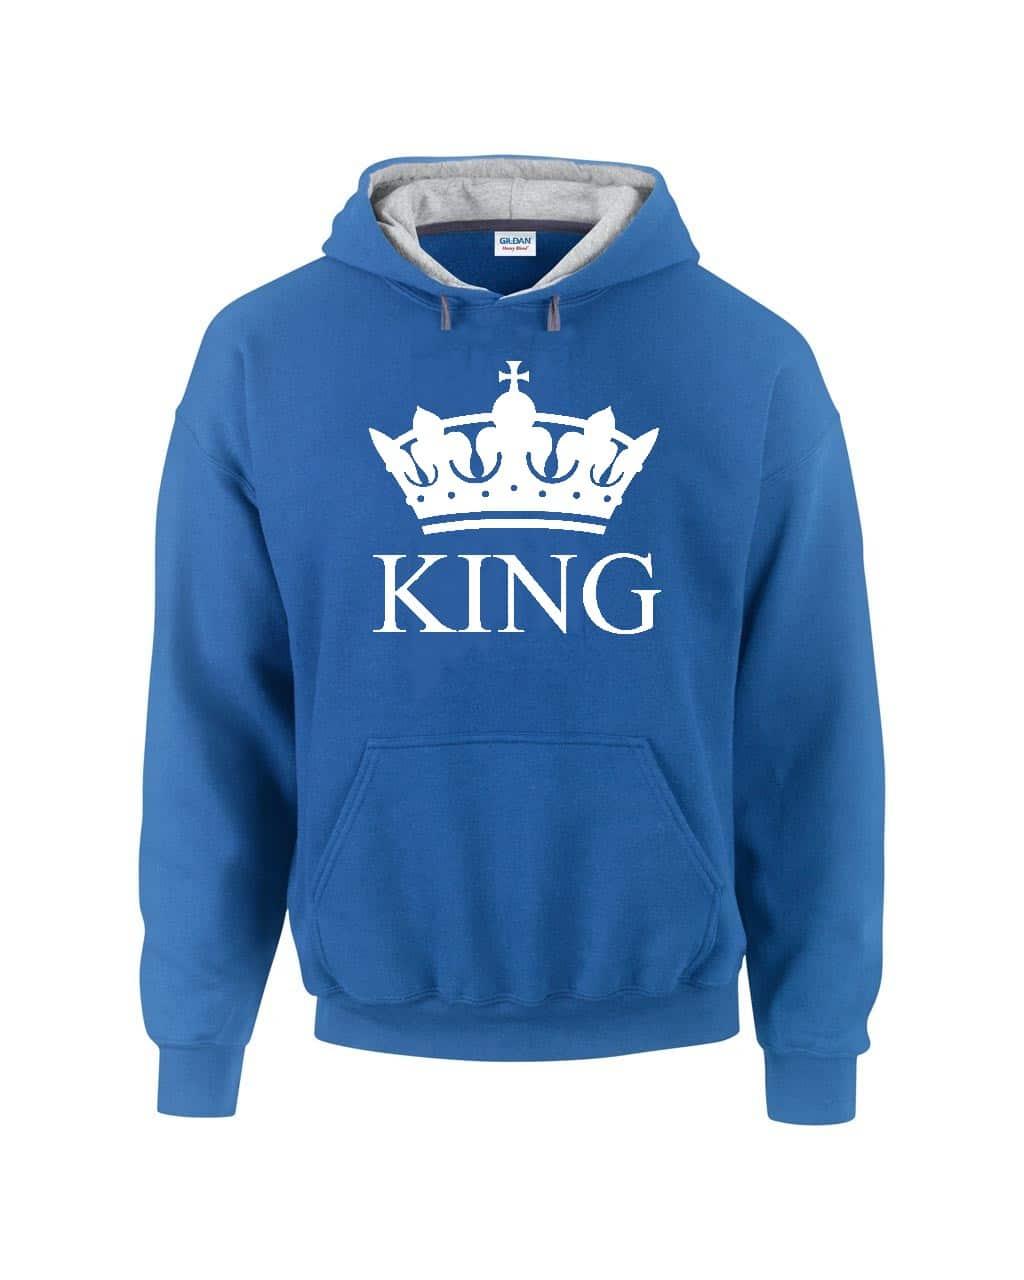 King kapucnis pulóver  ee4dacbdd8